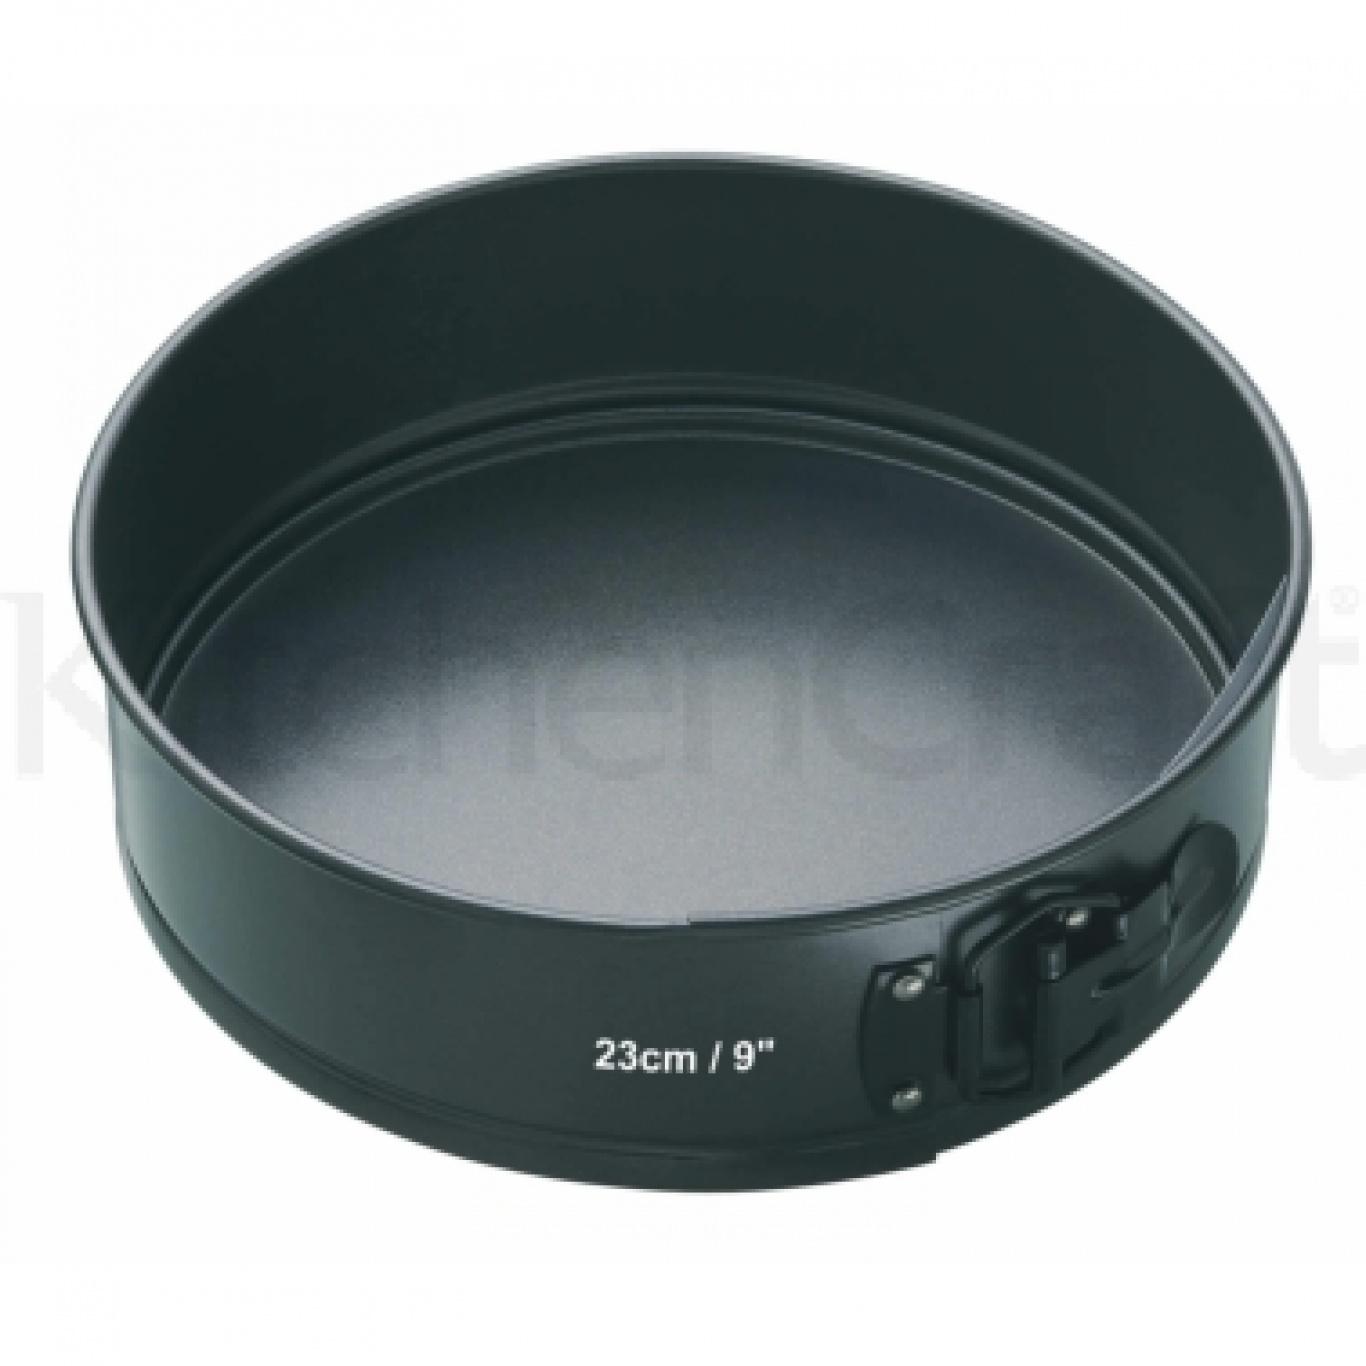 Image of Spring Form Cake Pan 23cm